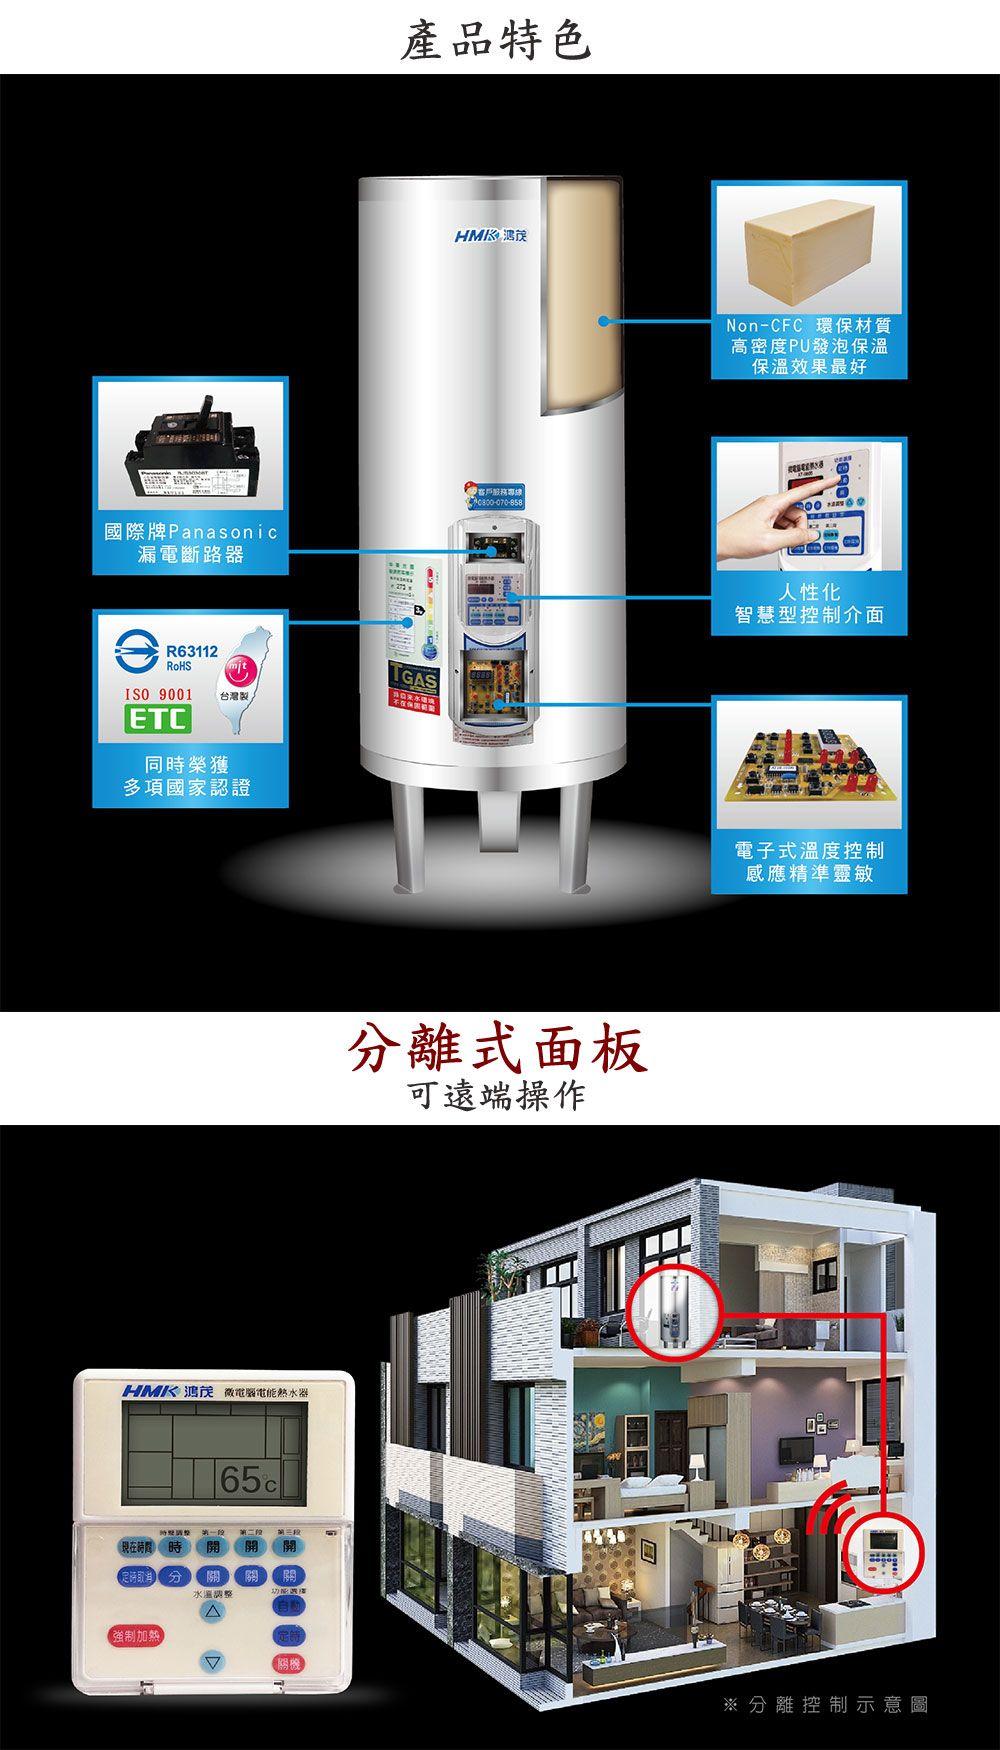 PK/goods/HMK/電熱水器/BS/1.jpg